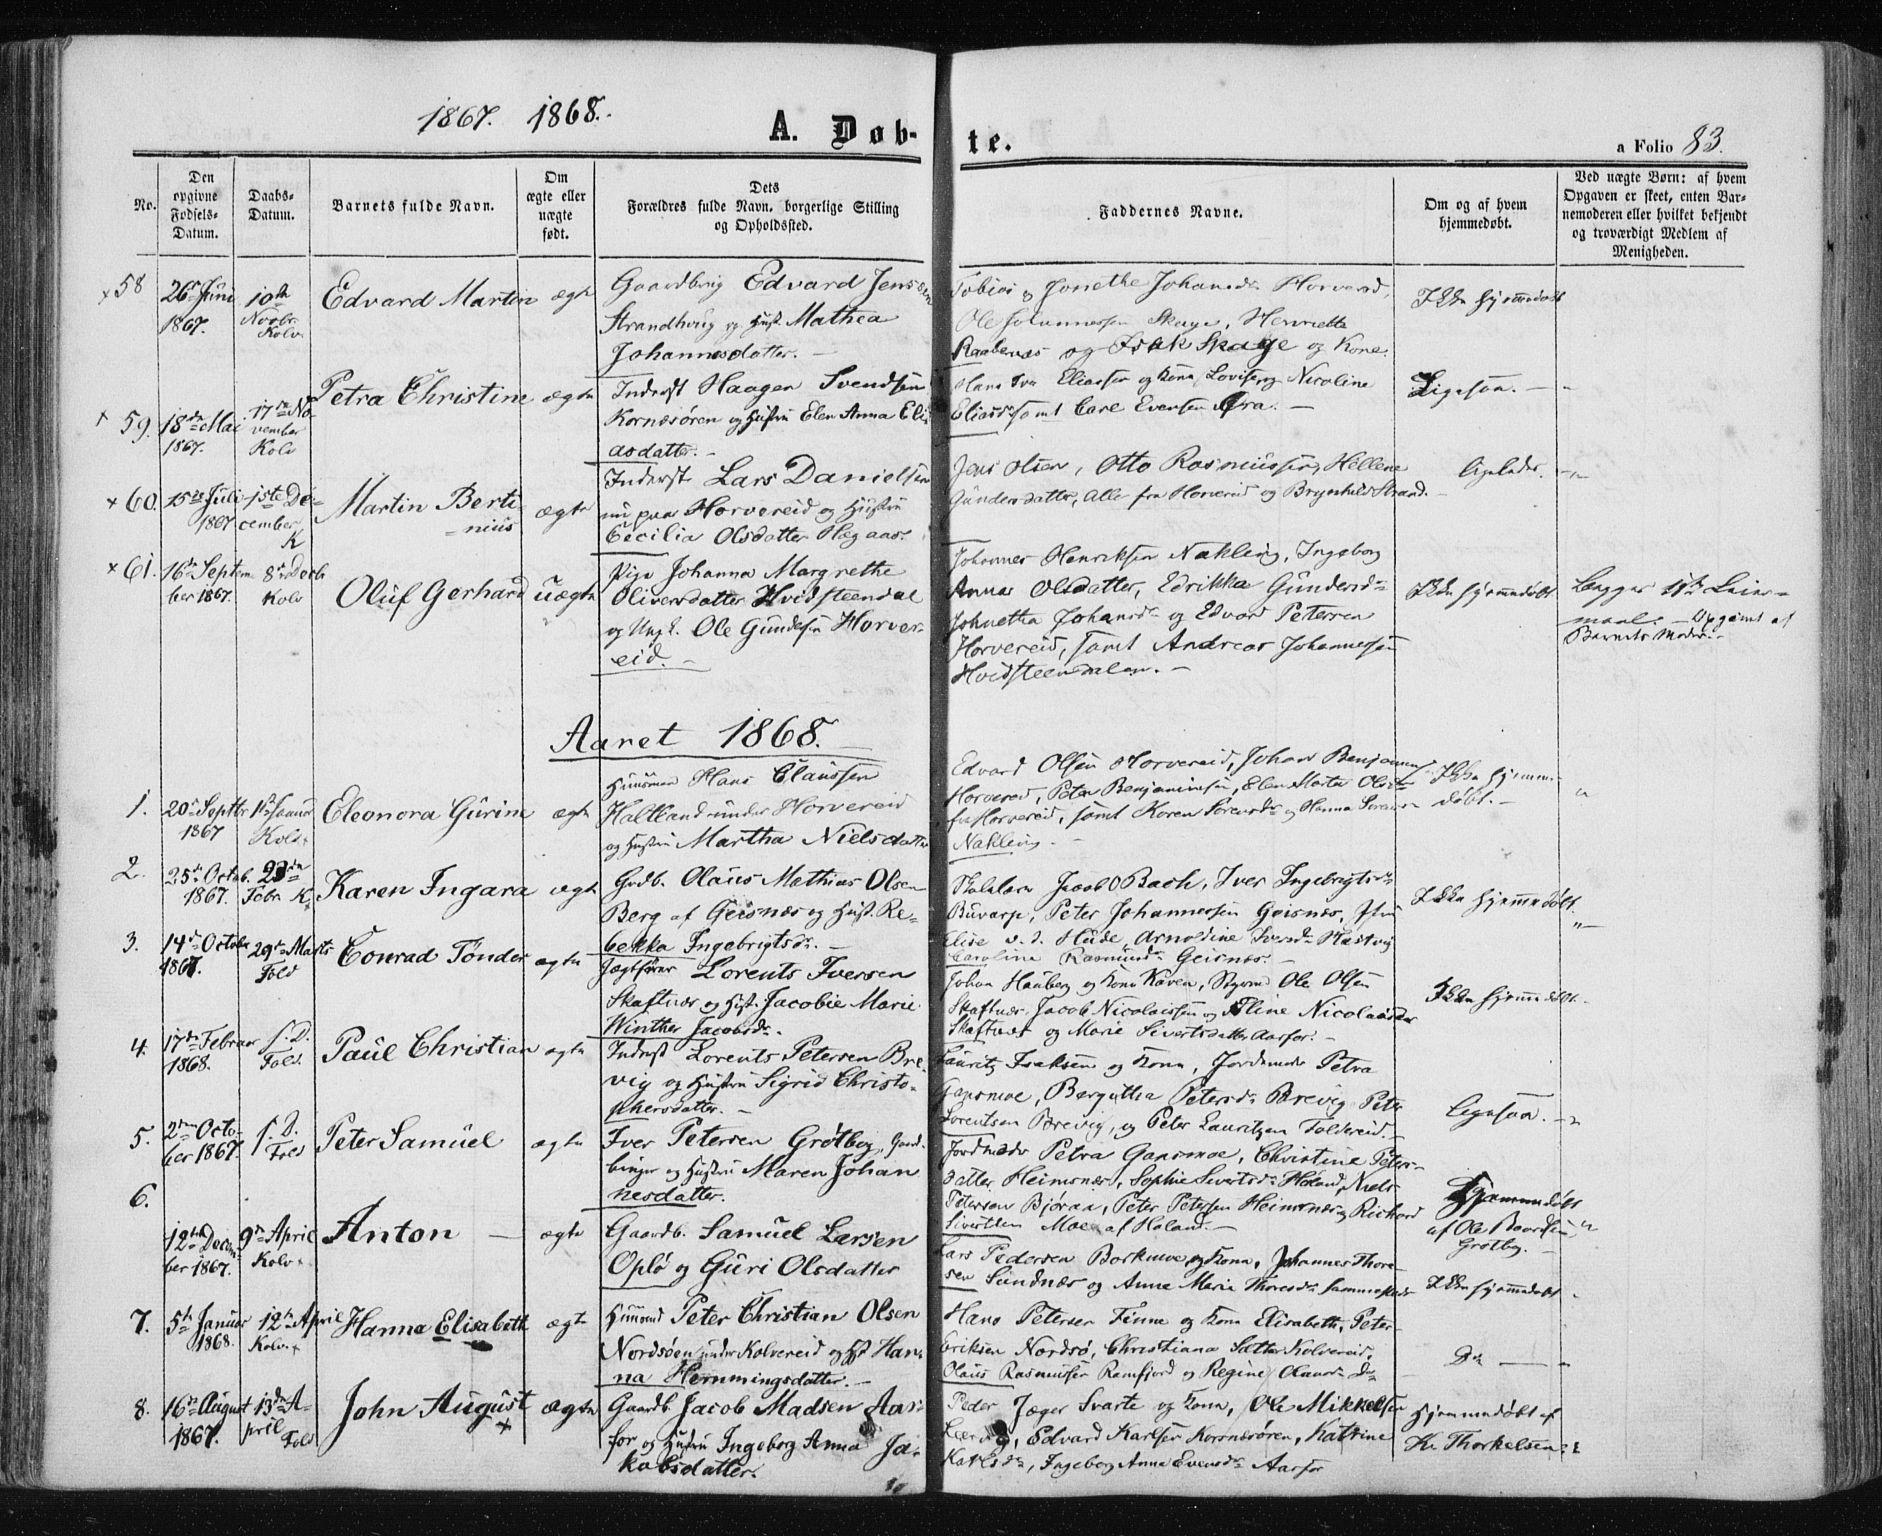 SAT, Ministerialprotokoller, klokkerbøker og fødselsregistre - Nord-Trøndelag, 780/L0641: Ministerialbok nr. 780A06, 1857-1874, s. 83